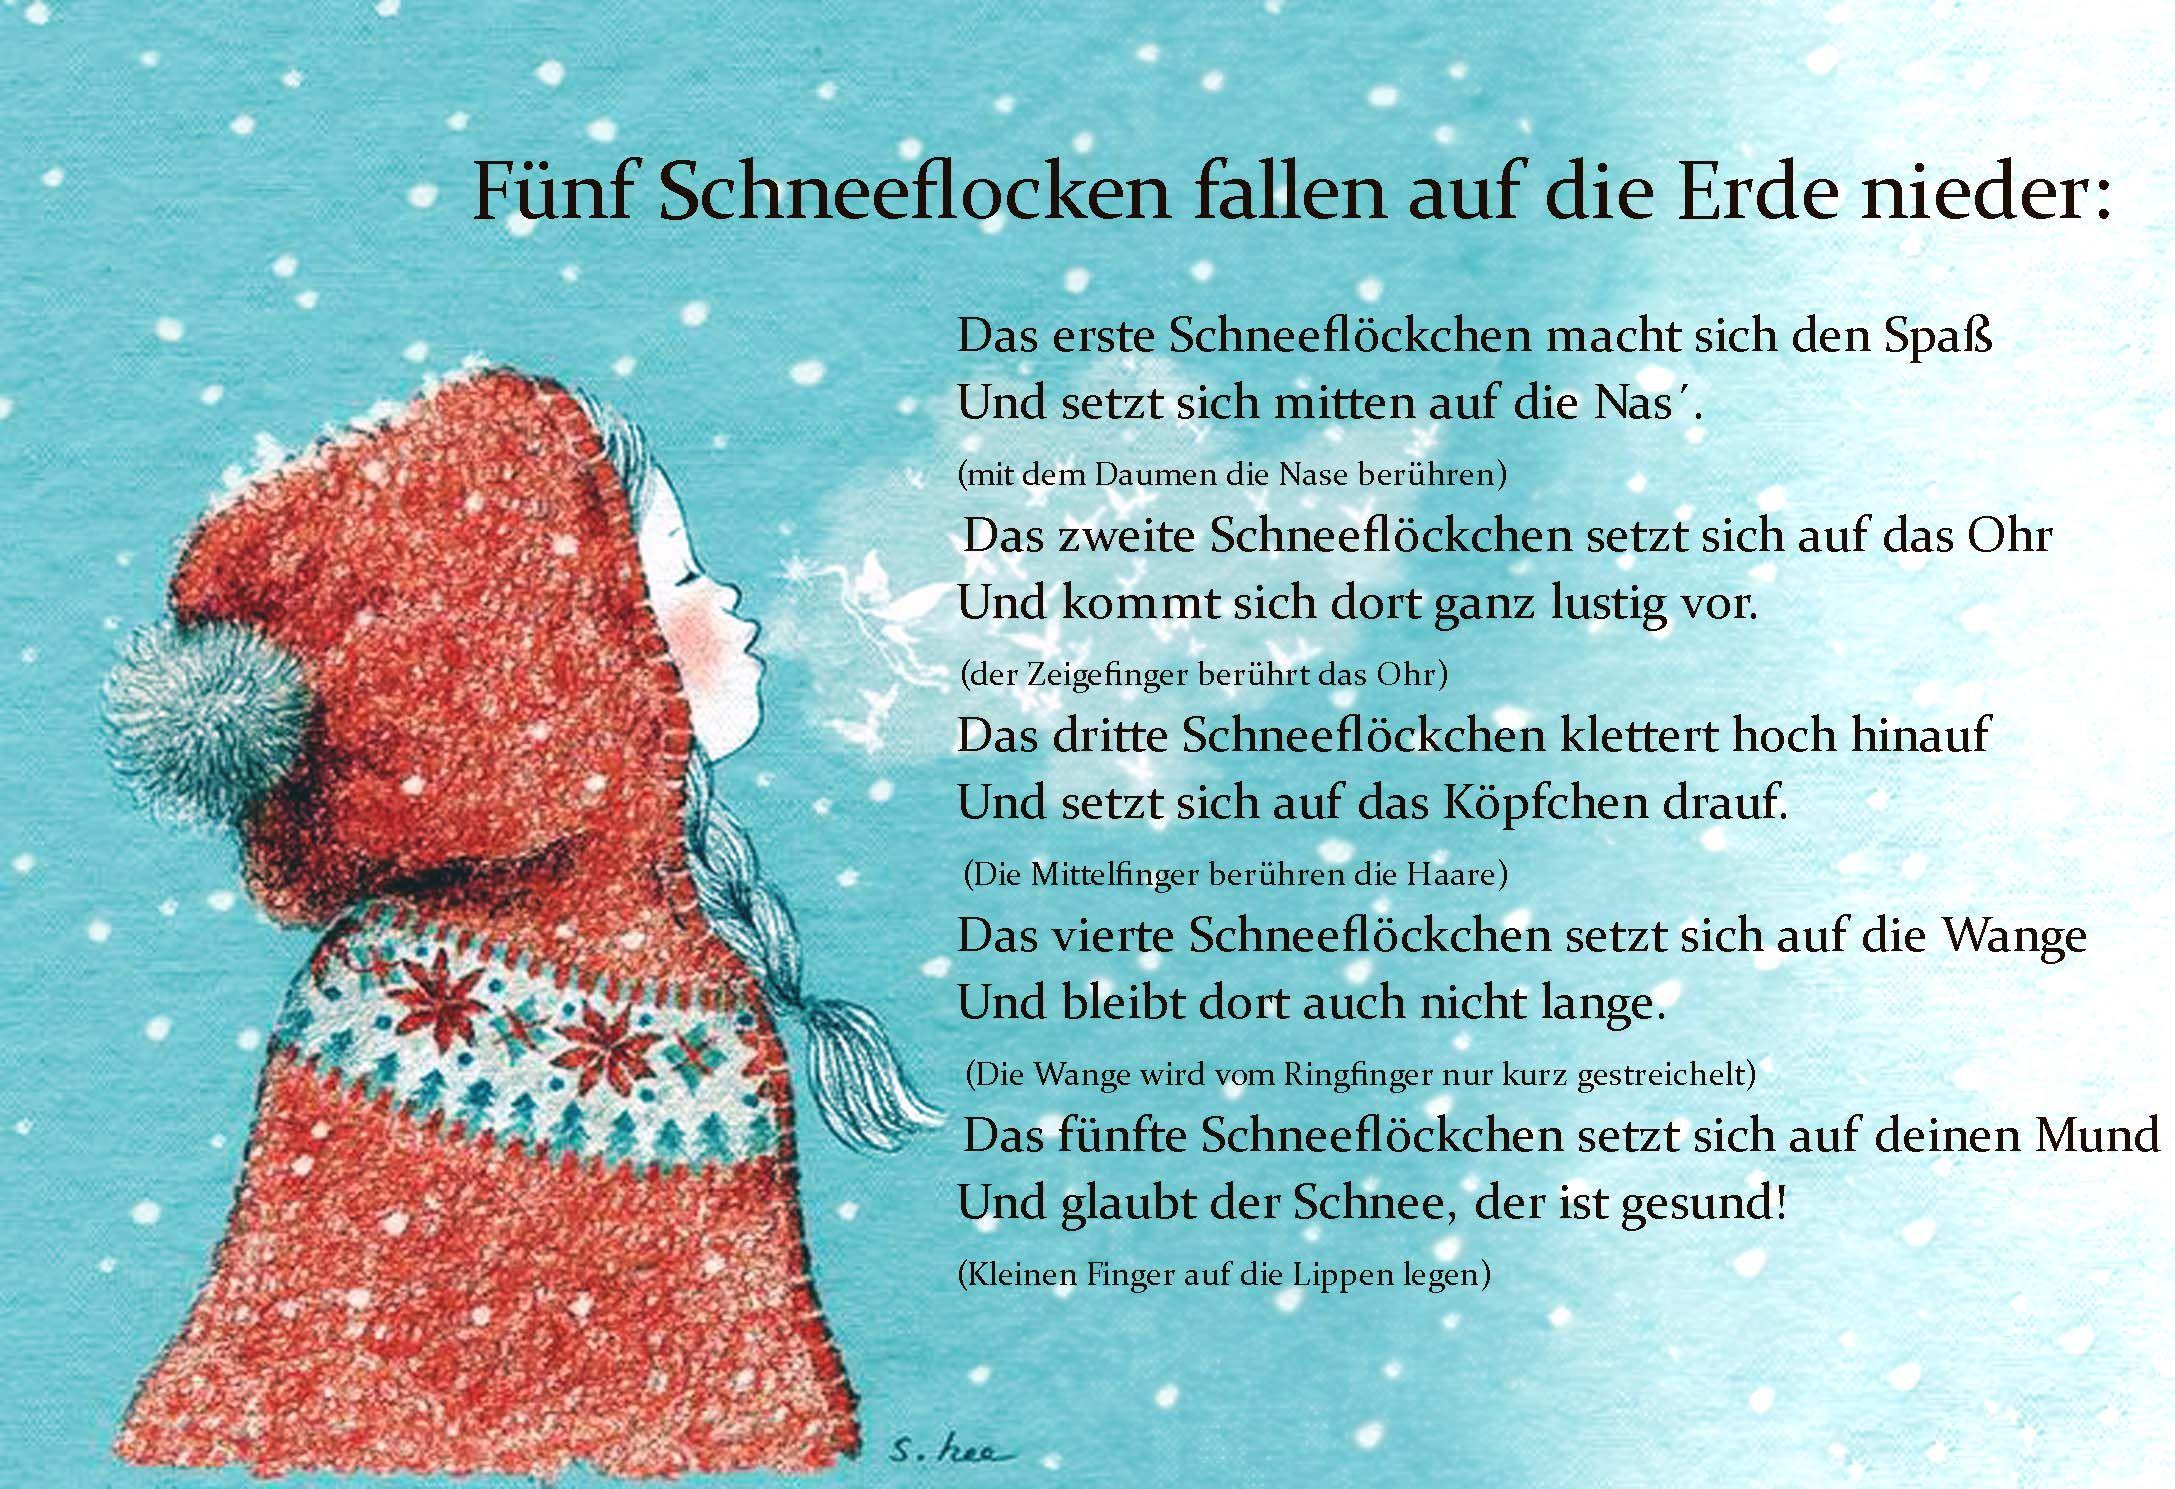 Fünf Schneeflocken Fallen Auf Die Erde Nieder | Fingerspiele bei Weihnachtsgedichte Grundschulkinder